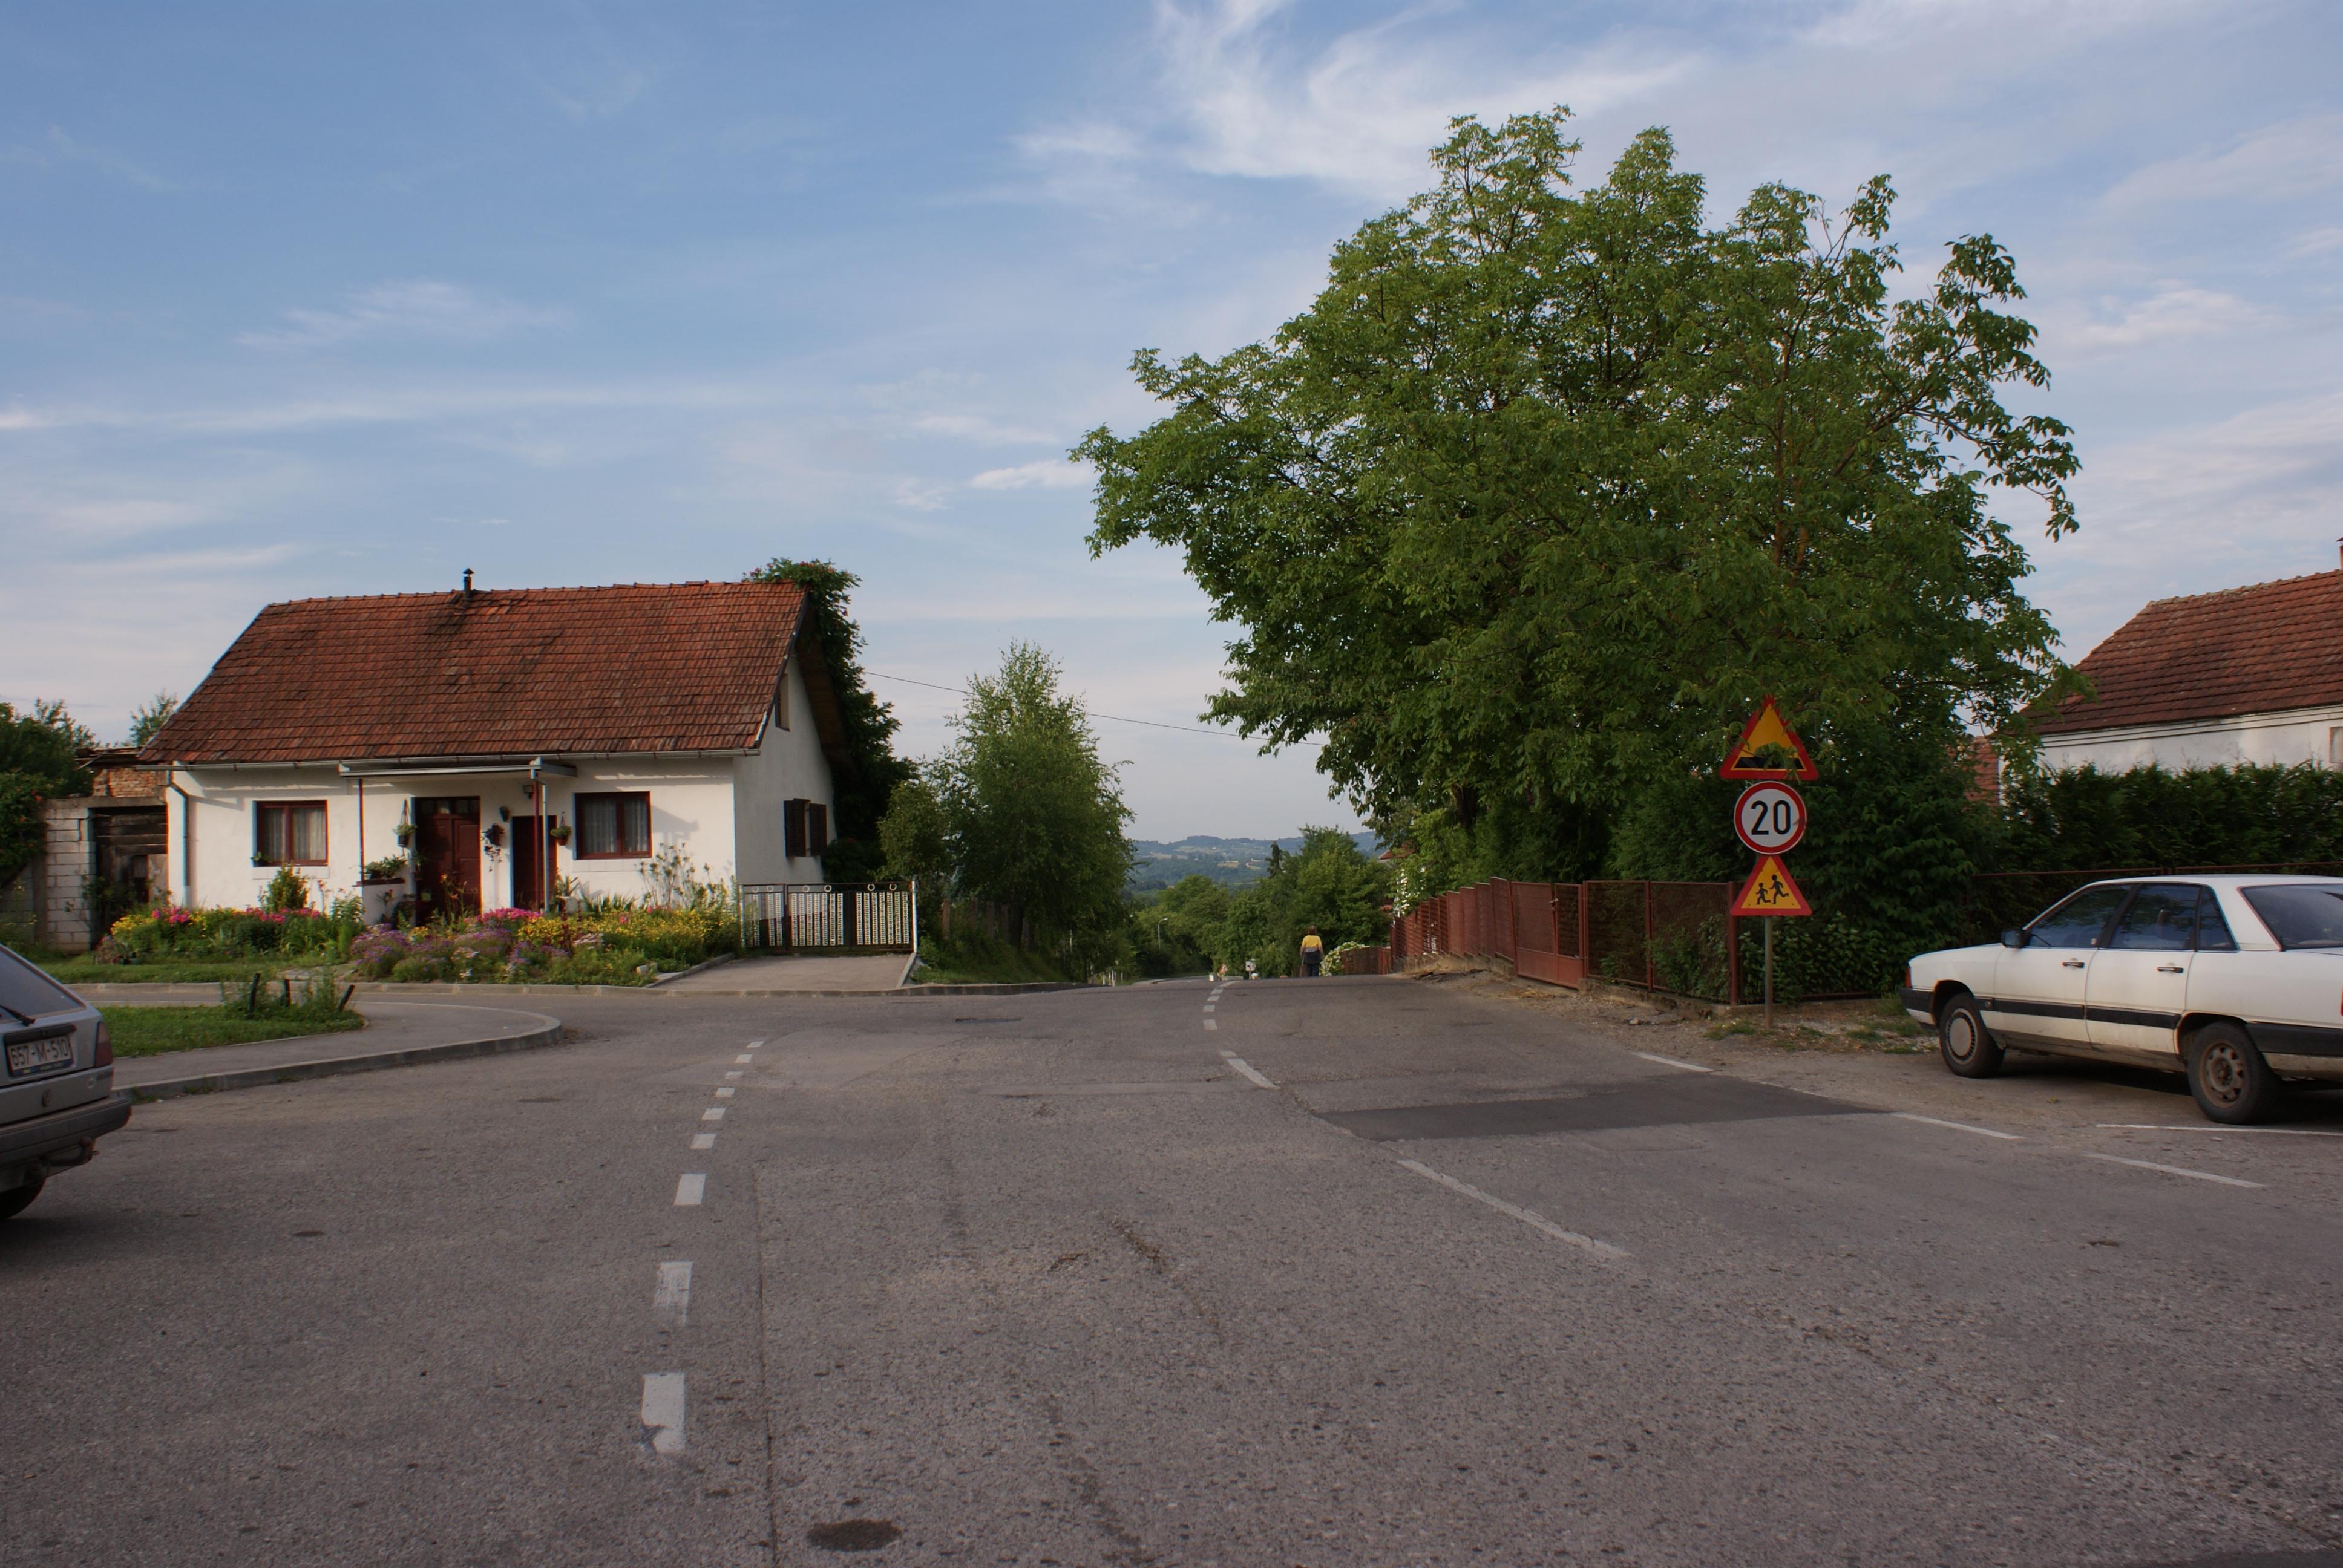 Regija za upoznavanje u Slatina Hrvatska